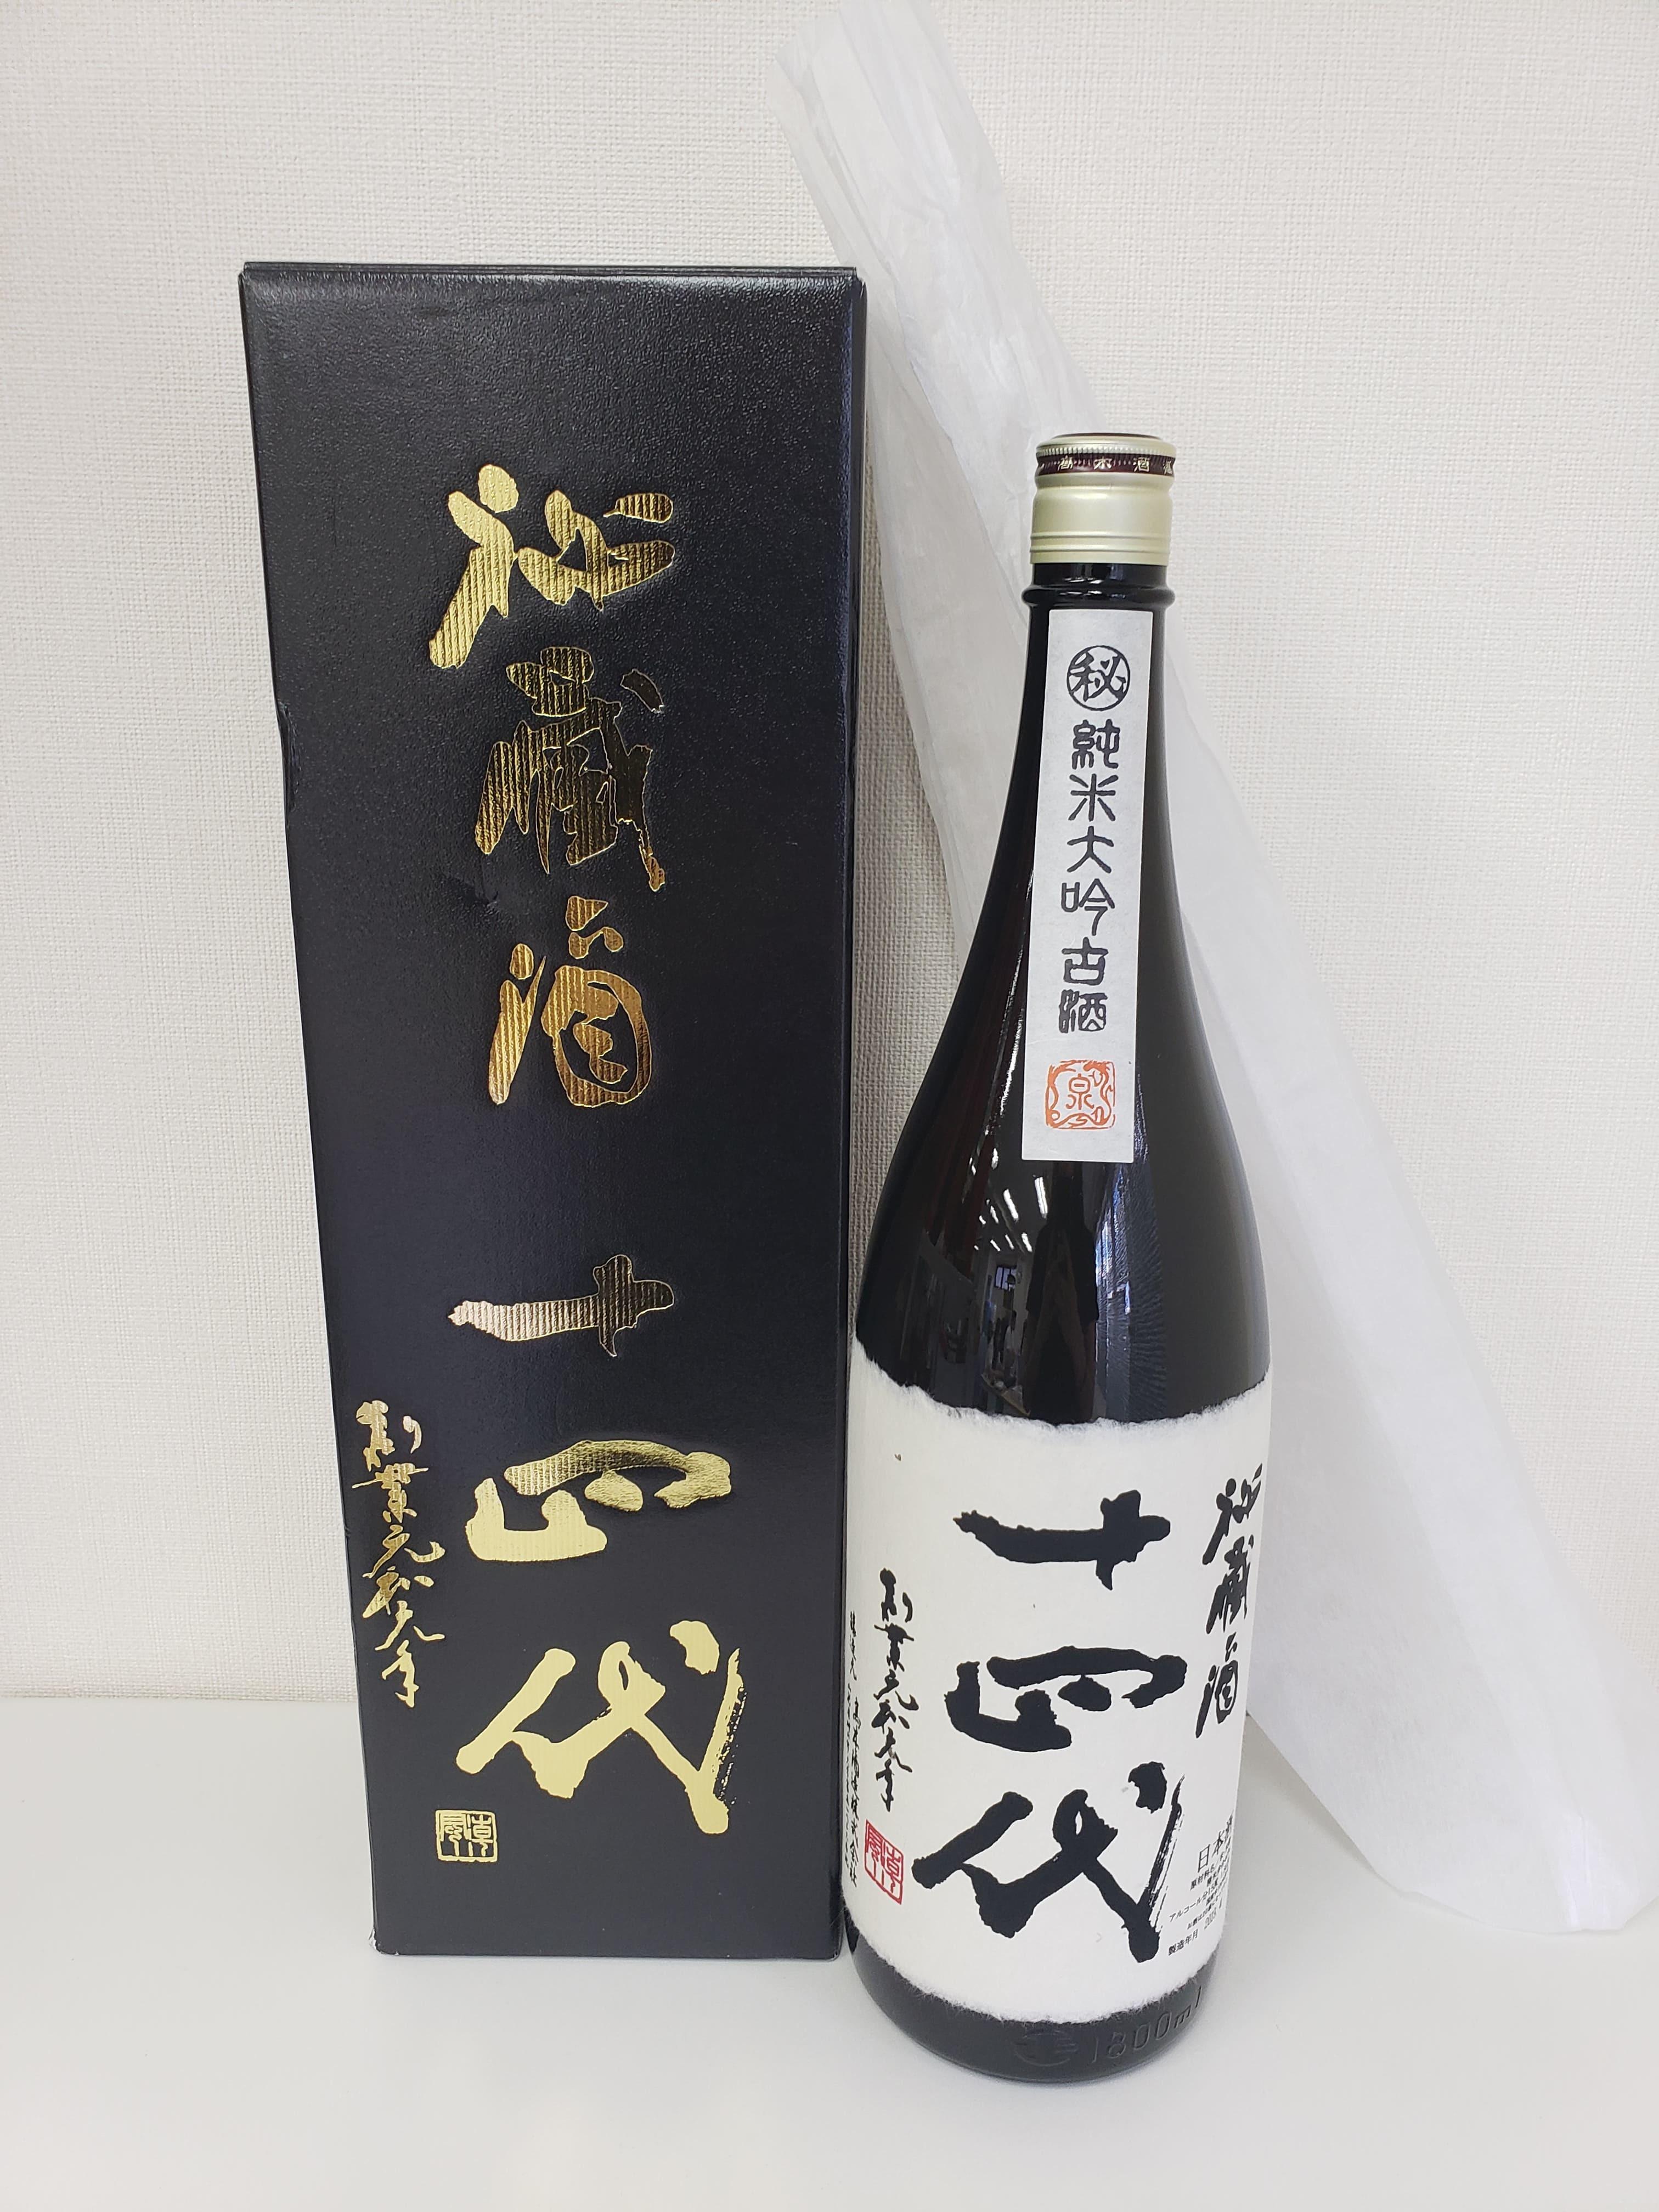 十四代 秘蔵酒 純米大吟醸古酒 高木酒造 山形県 1800ml